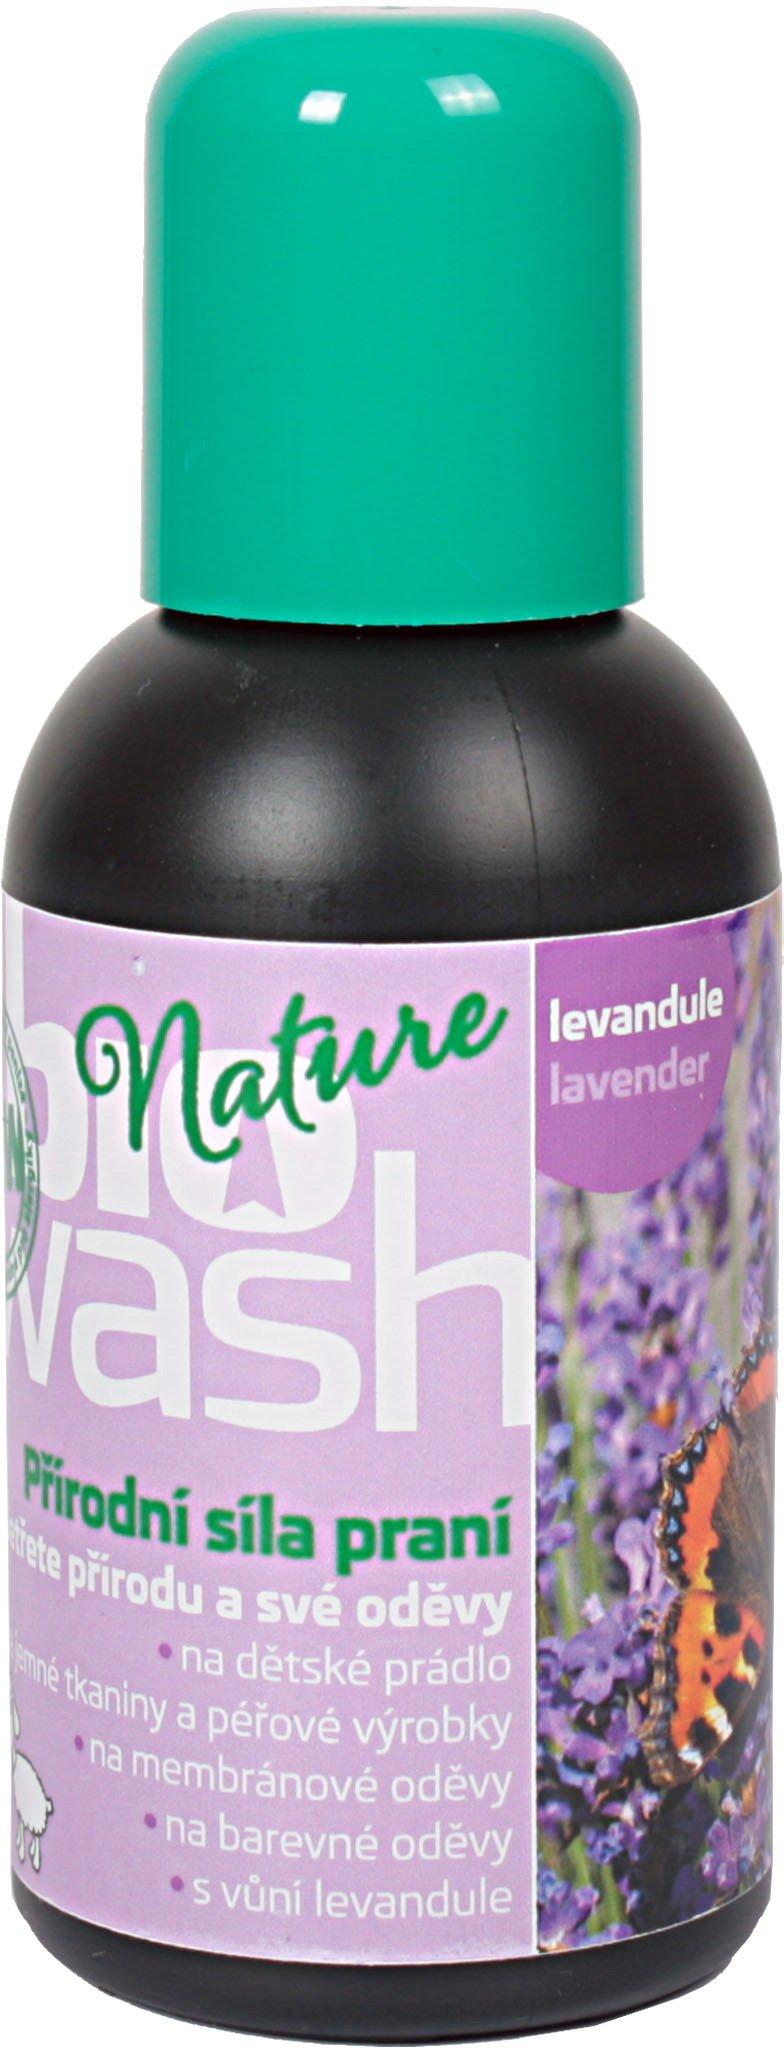 BioWash levandule, 250 ml